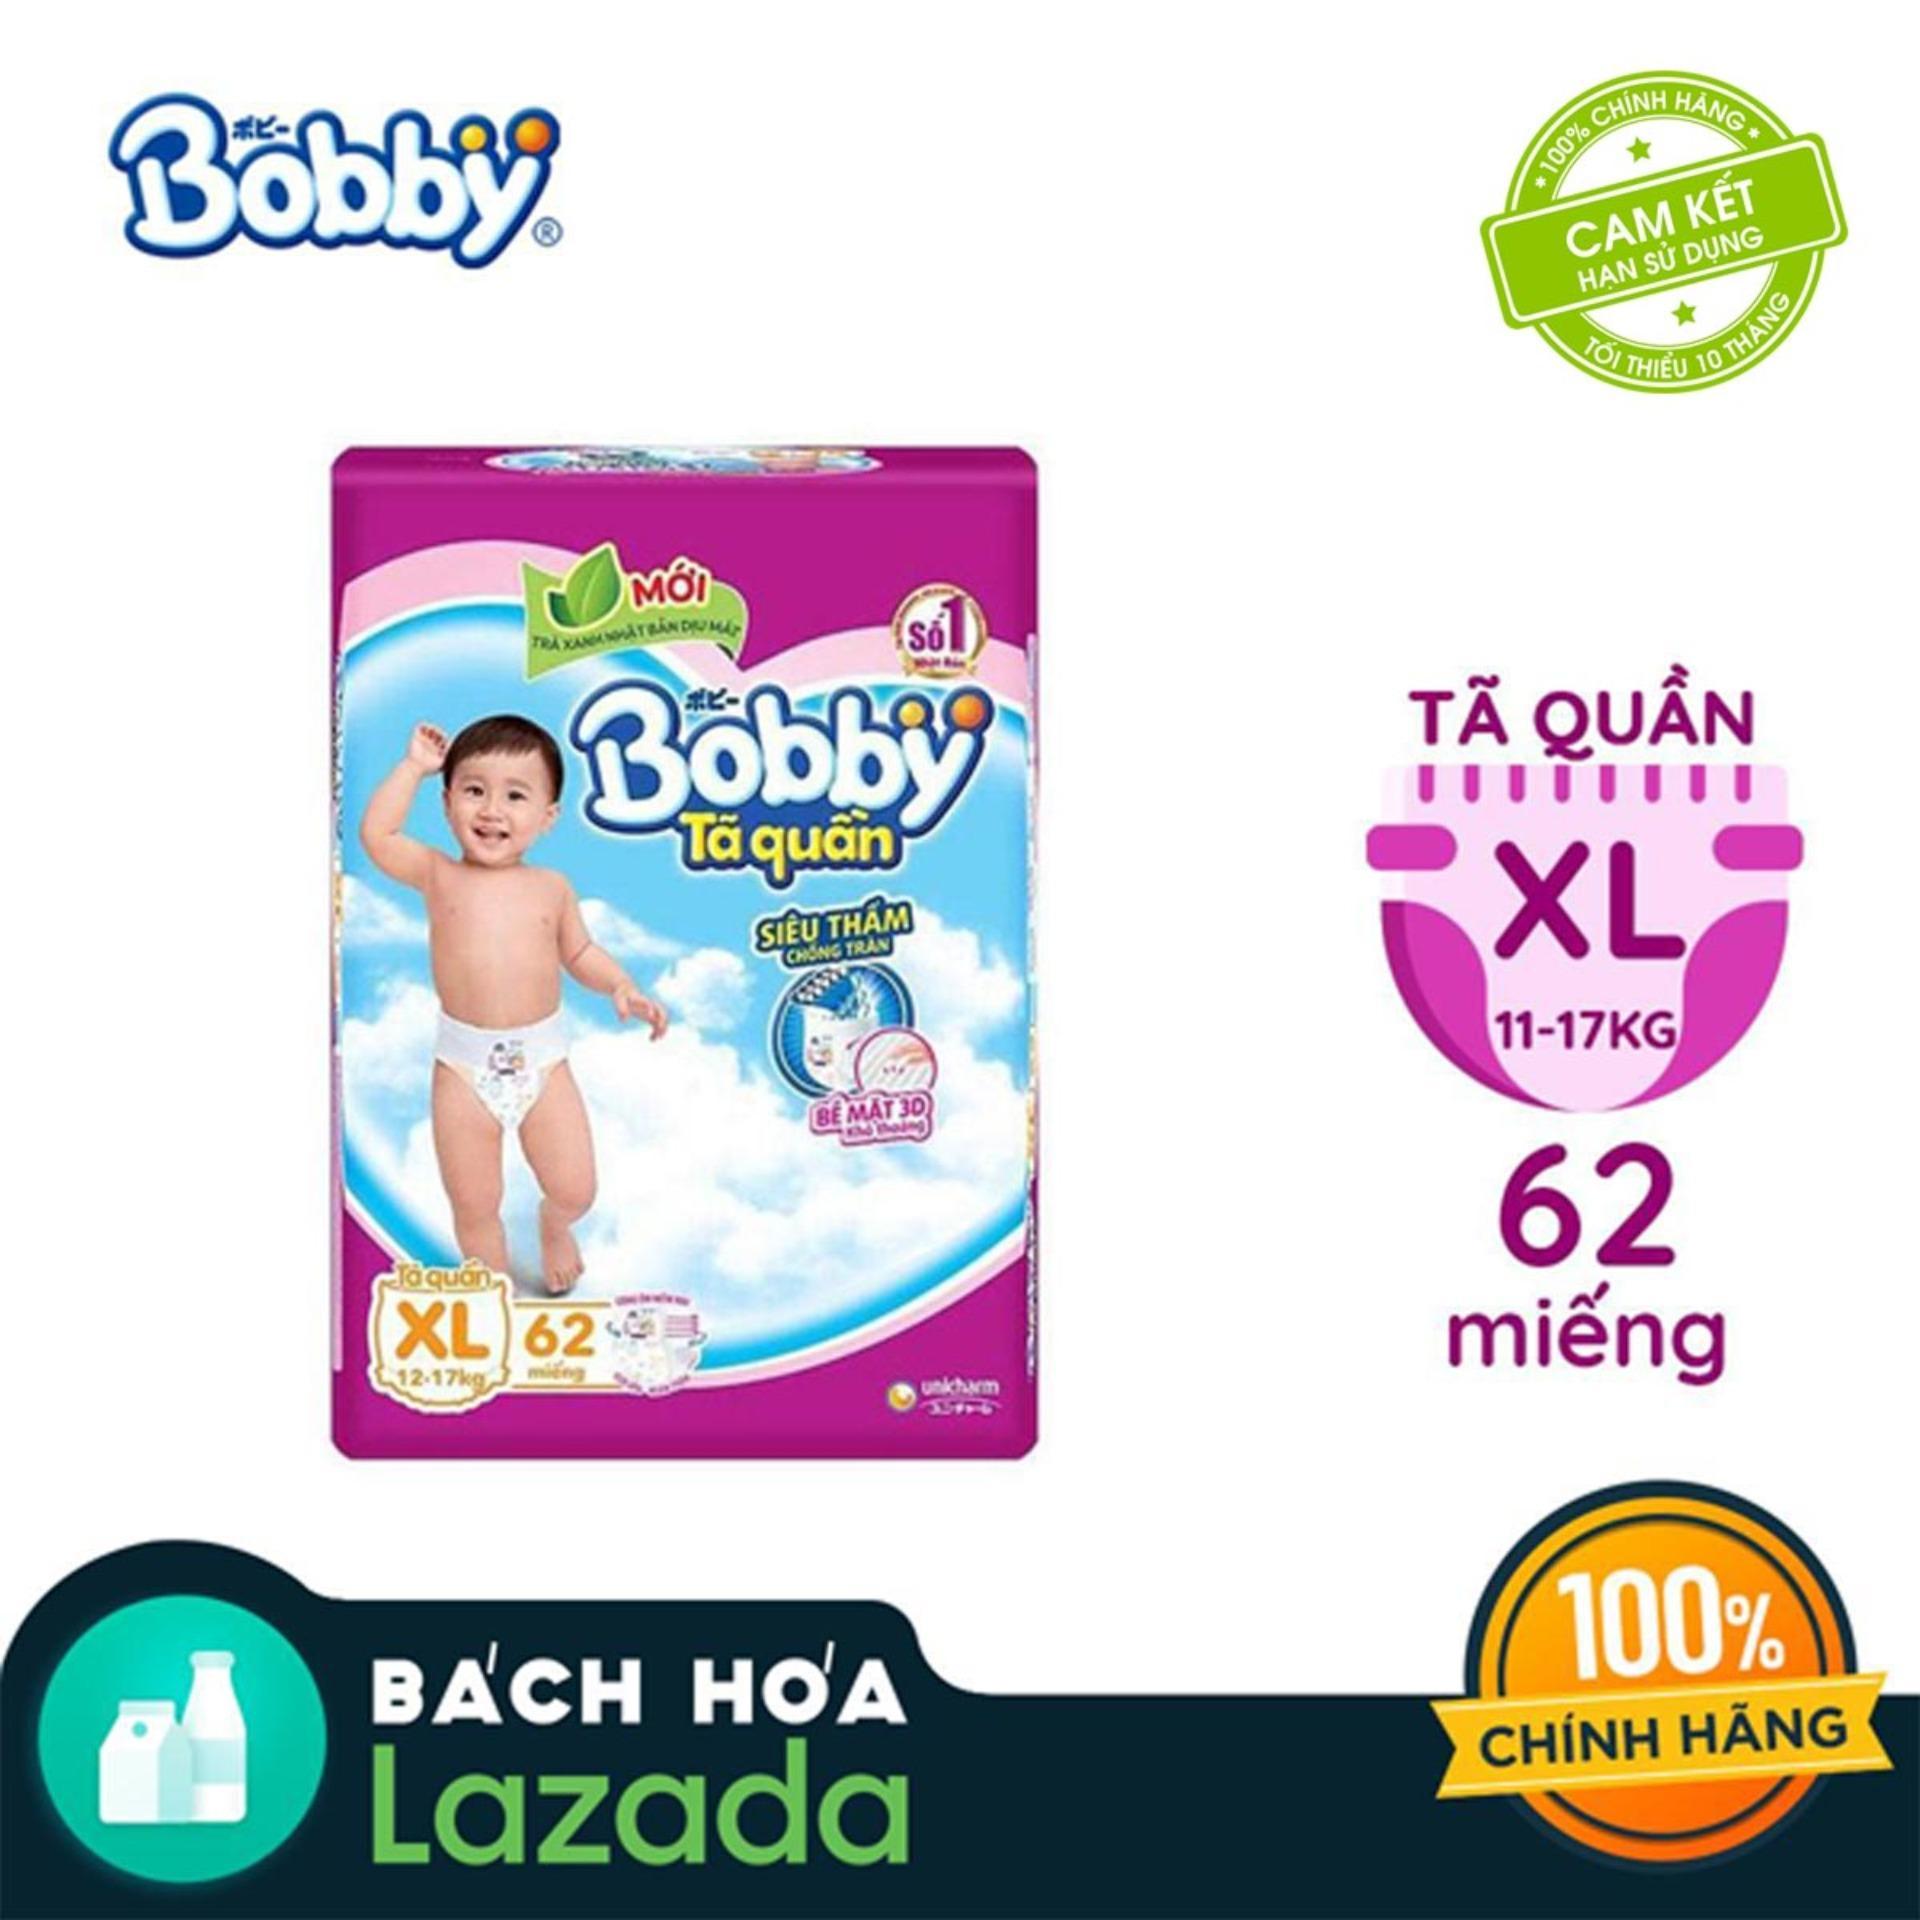 [Tiết Kiệm] Tã/Bỉm quần Bobby gói siêu siêu lớn XL-62...